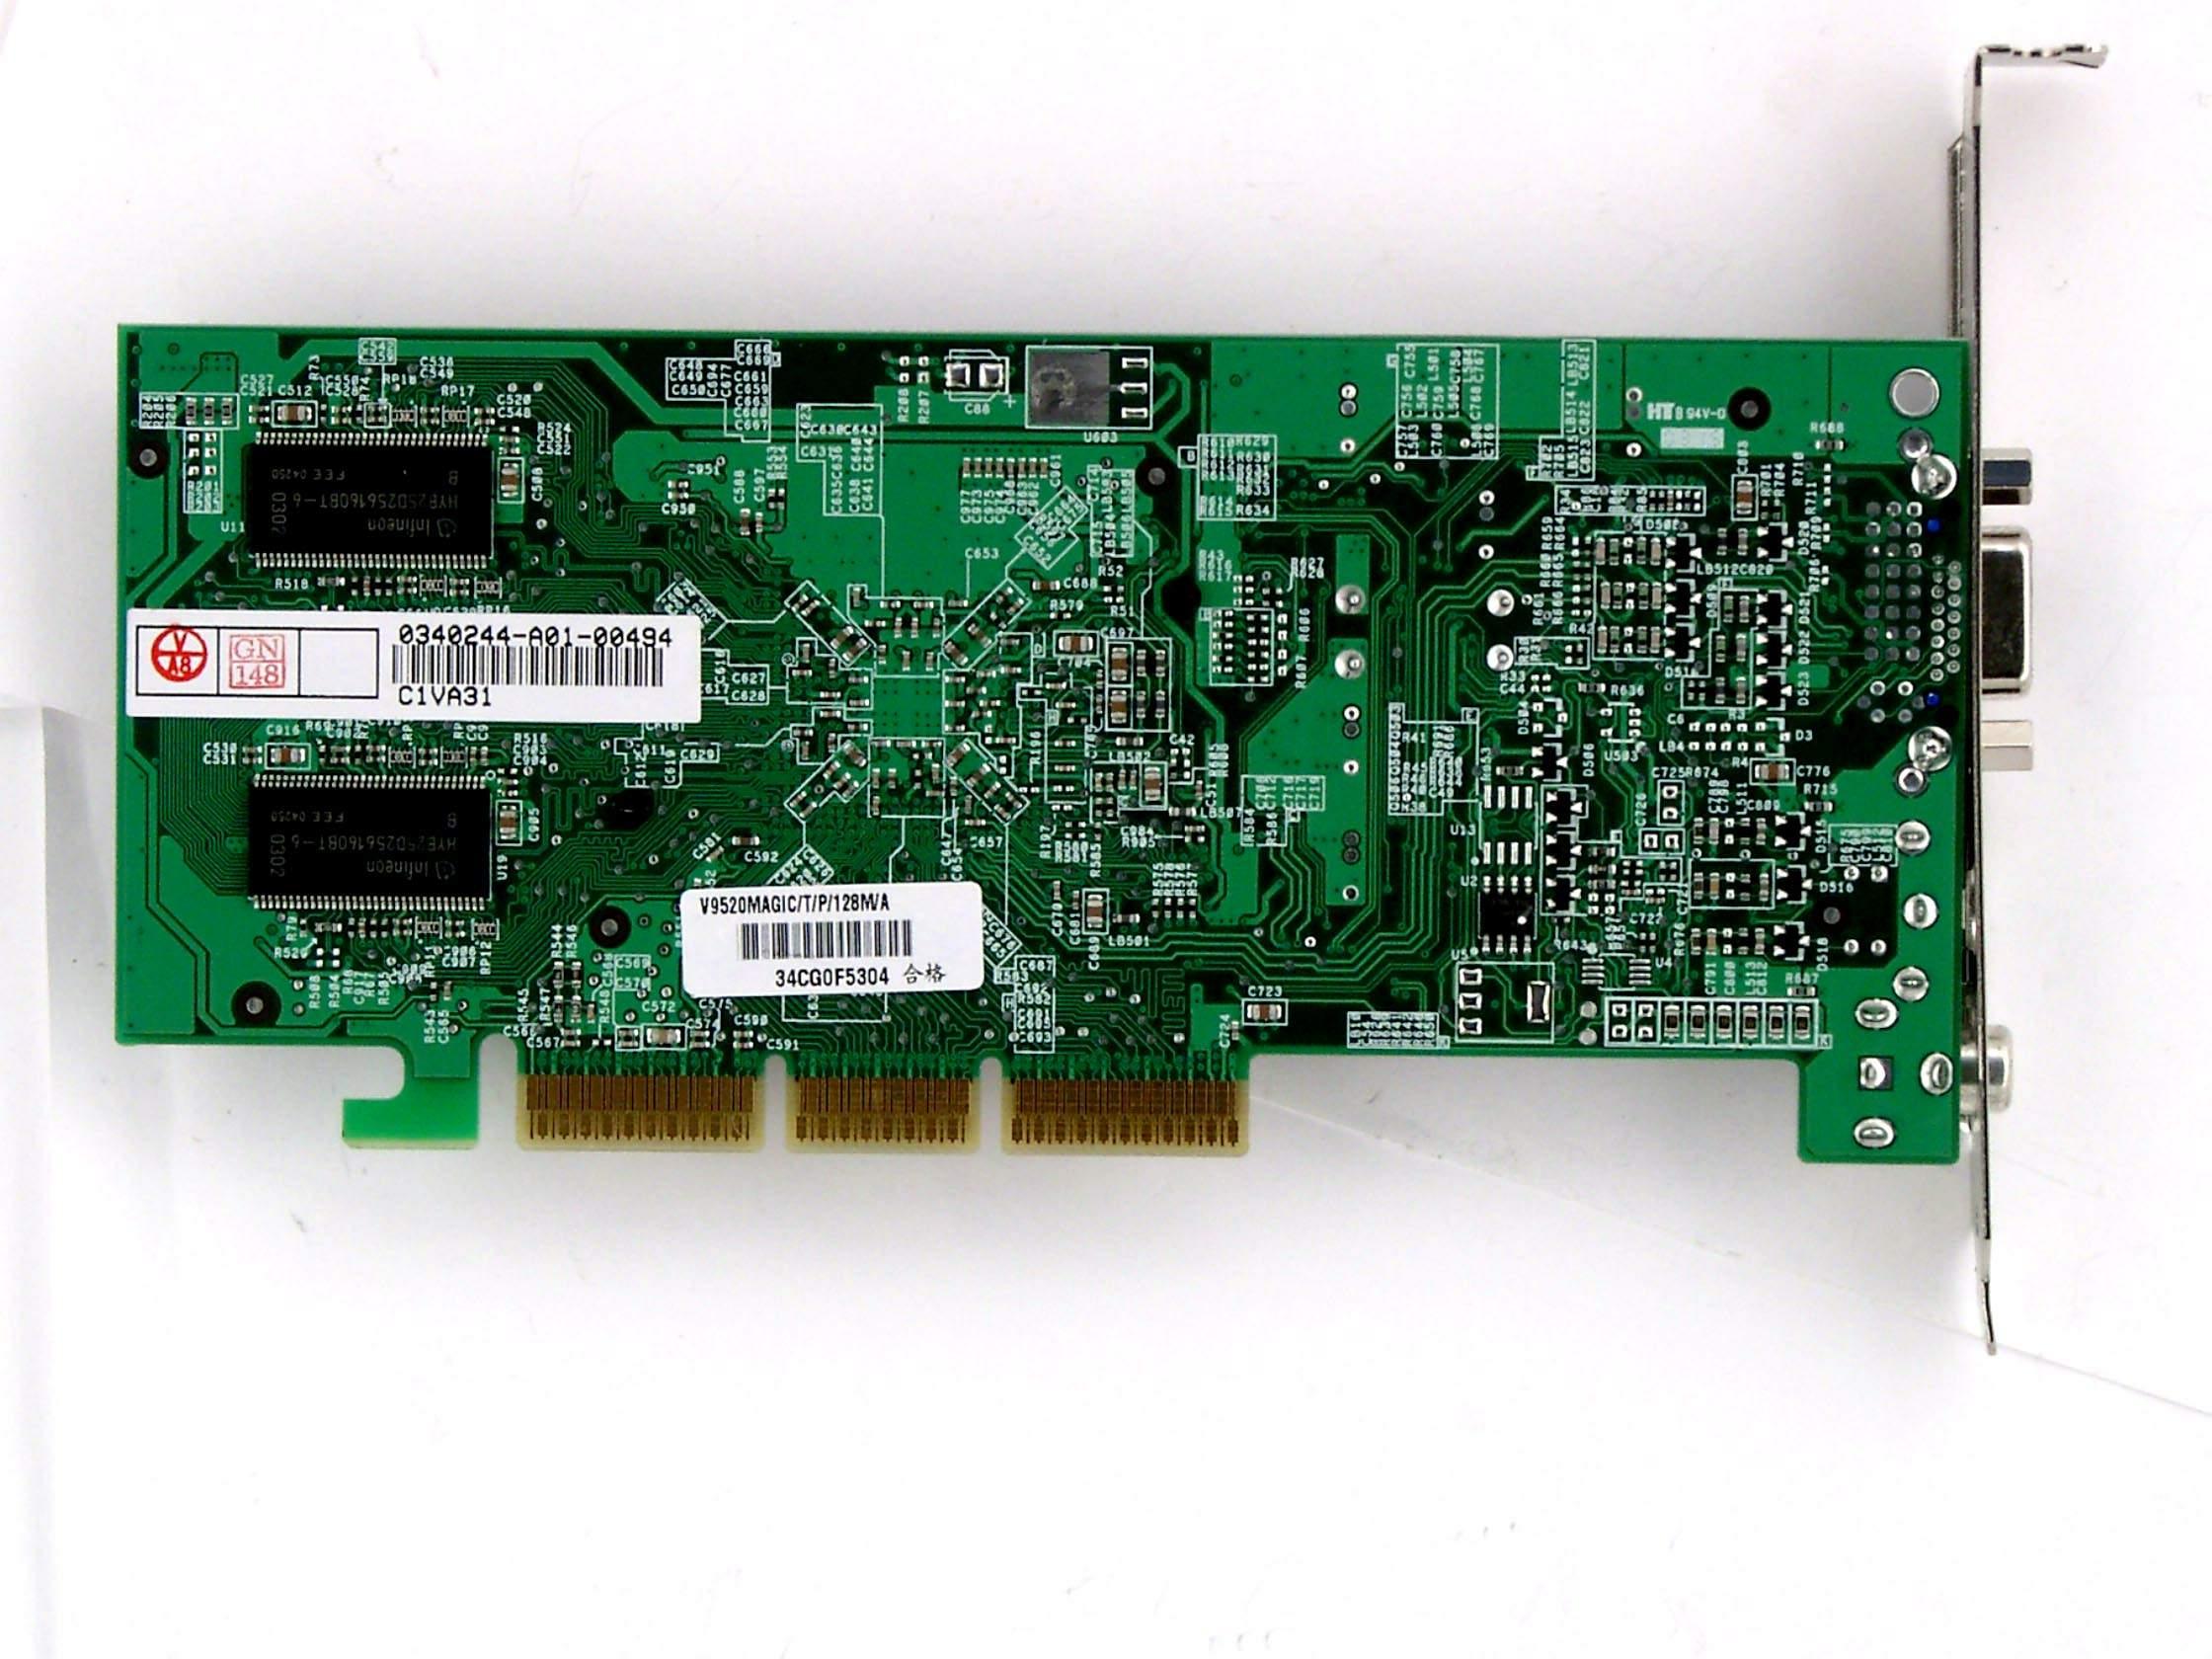 nvidia geforce fx 5200 128mb asus скачать драйвер